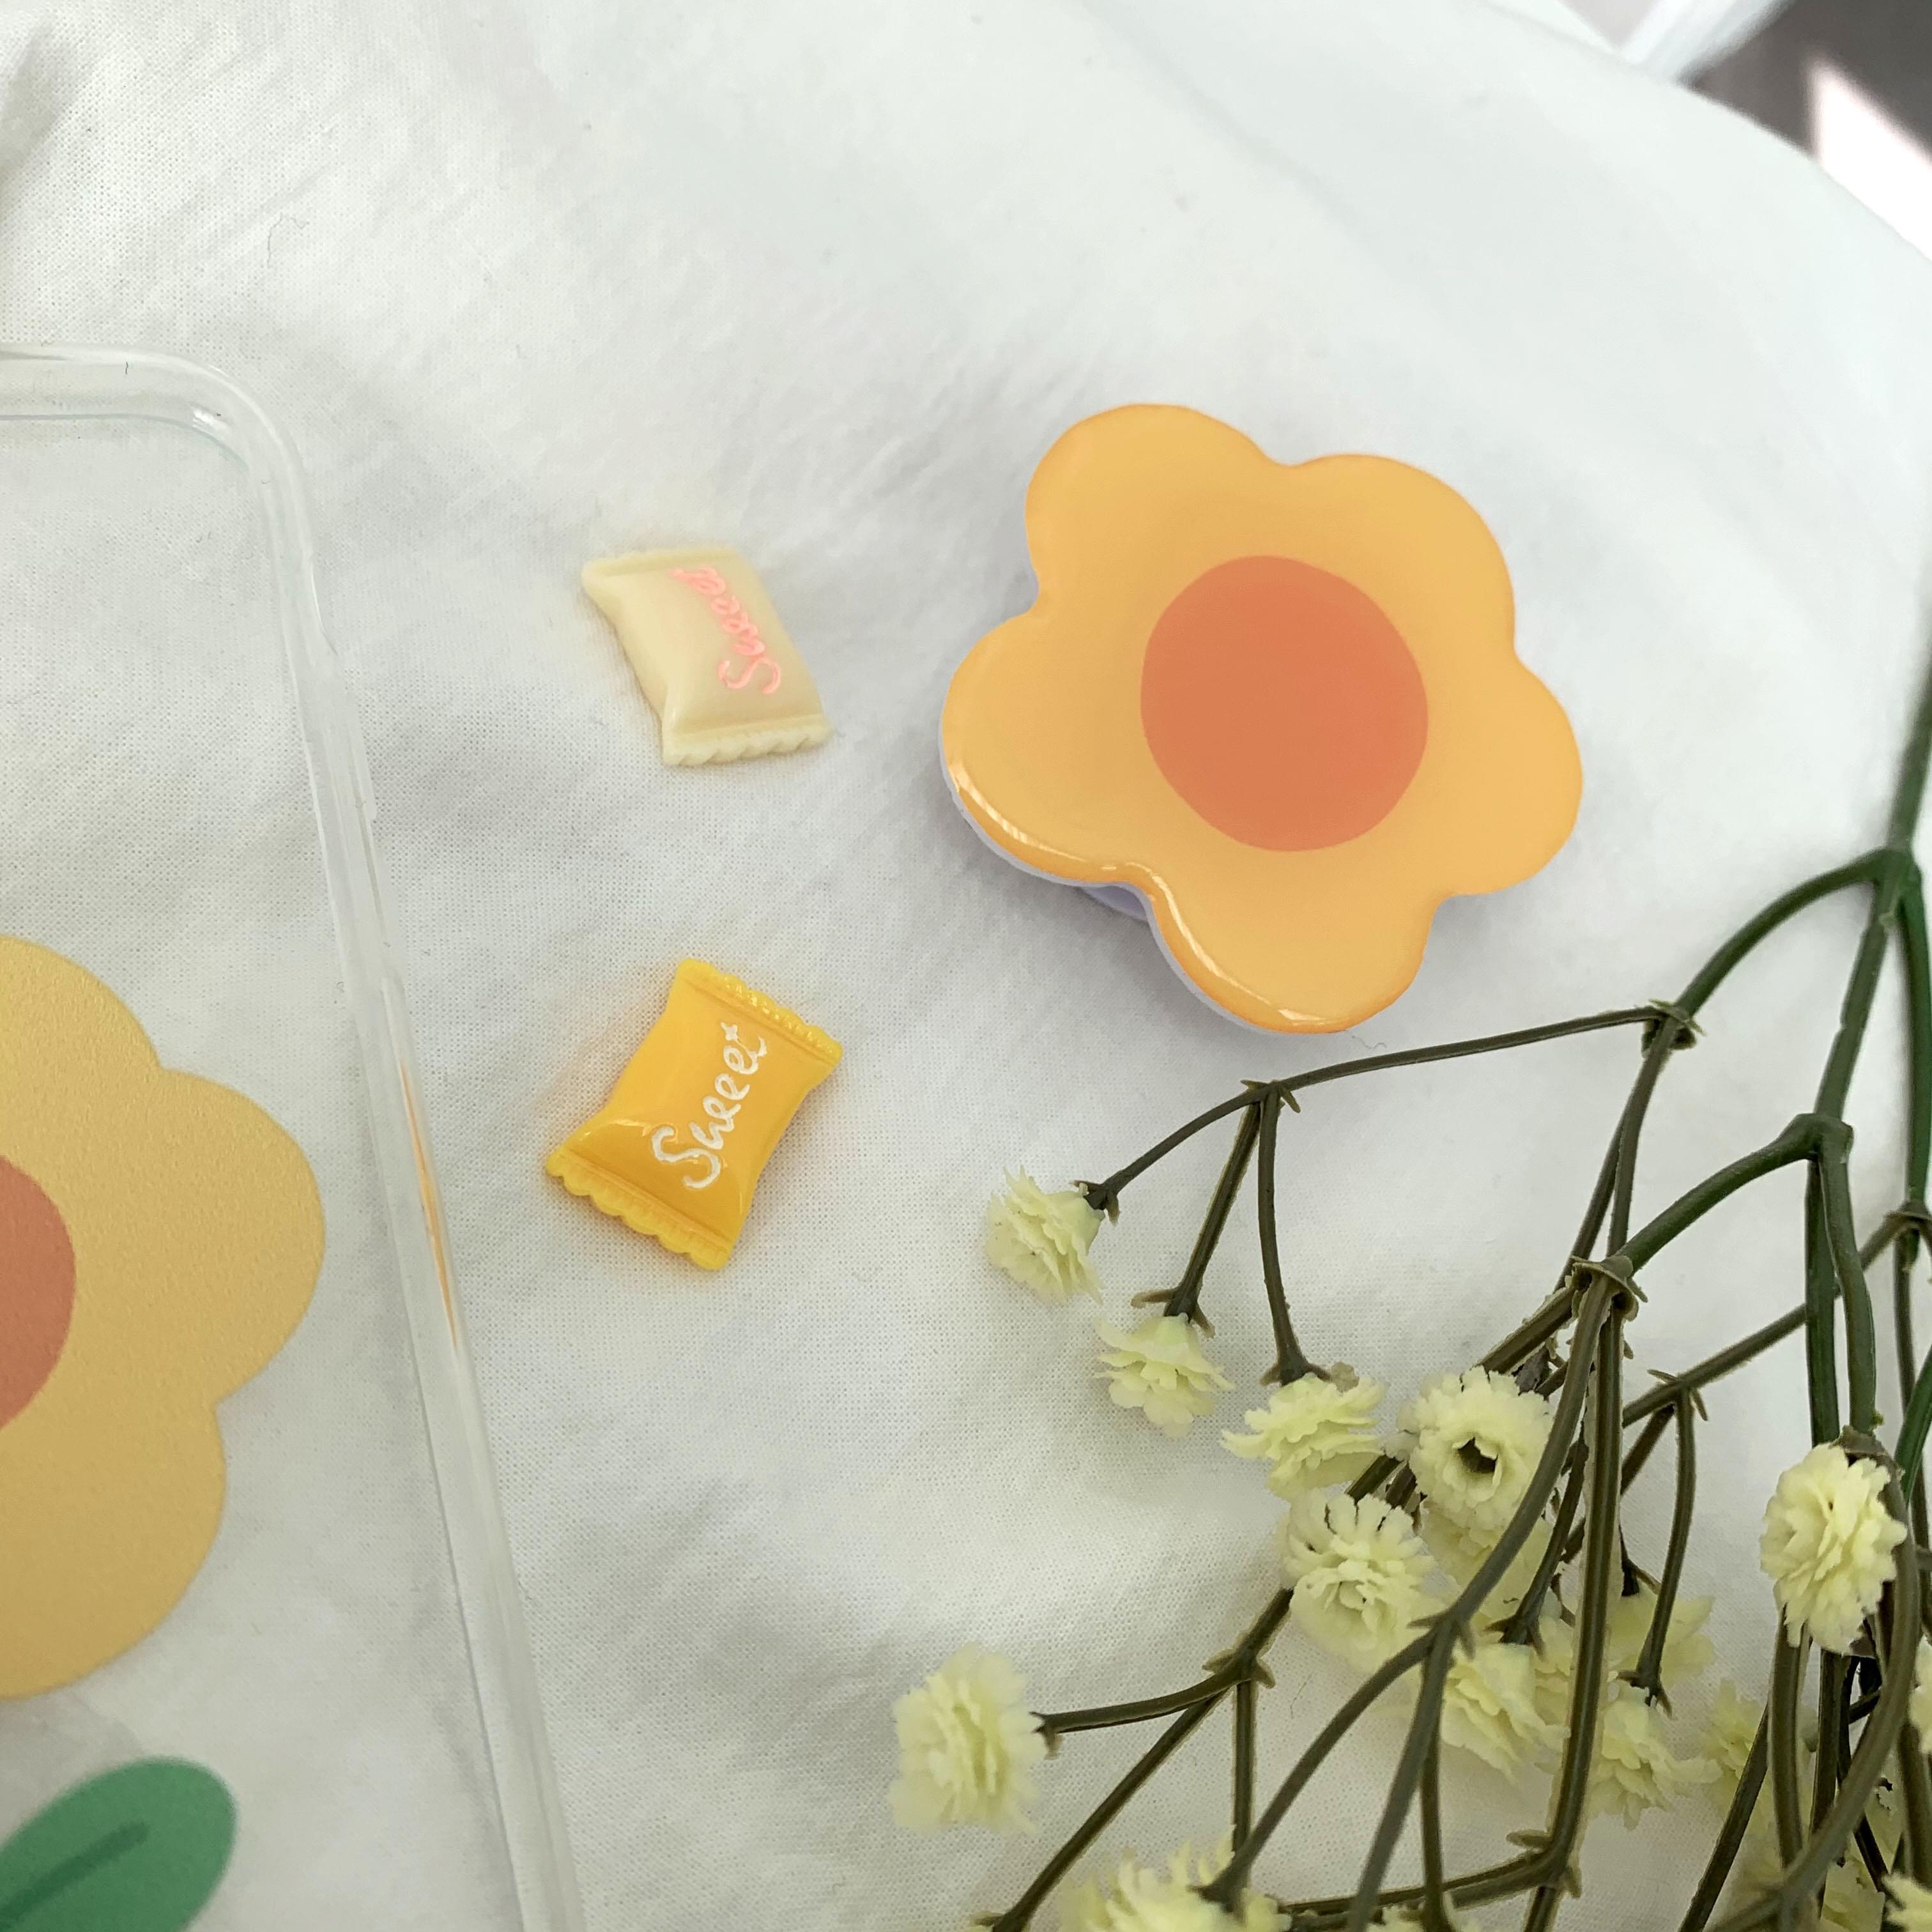 韓國空運 - Yellow Daisy Flower Shape Epoxy Grip Smart Tok Holder 手機殼